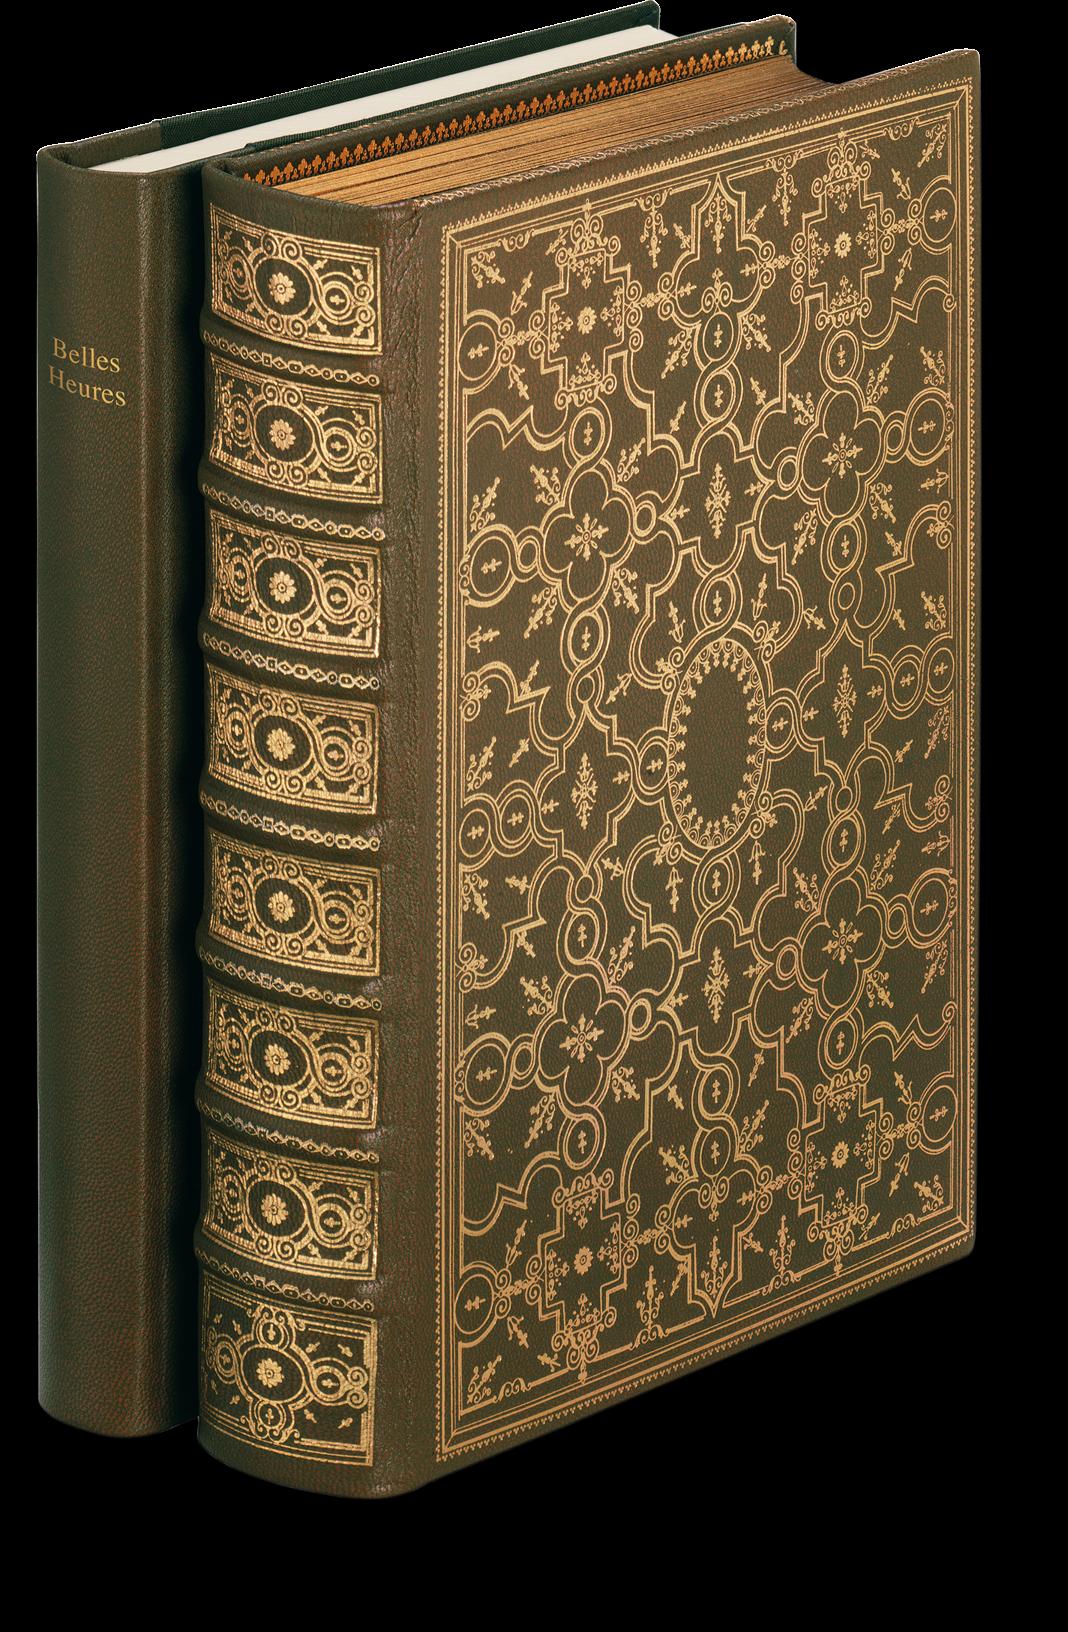 Belles Heures, Duc de Berry, Codex, Limburg Brüder